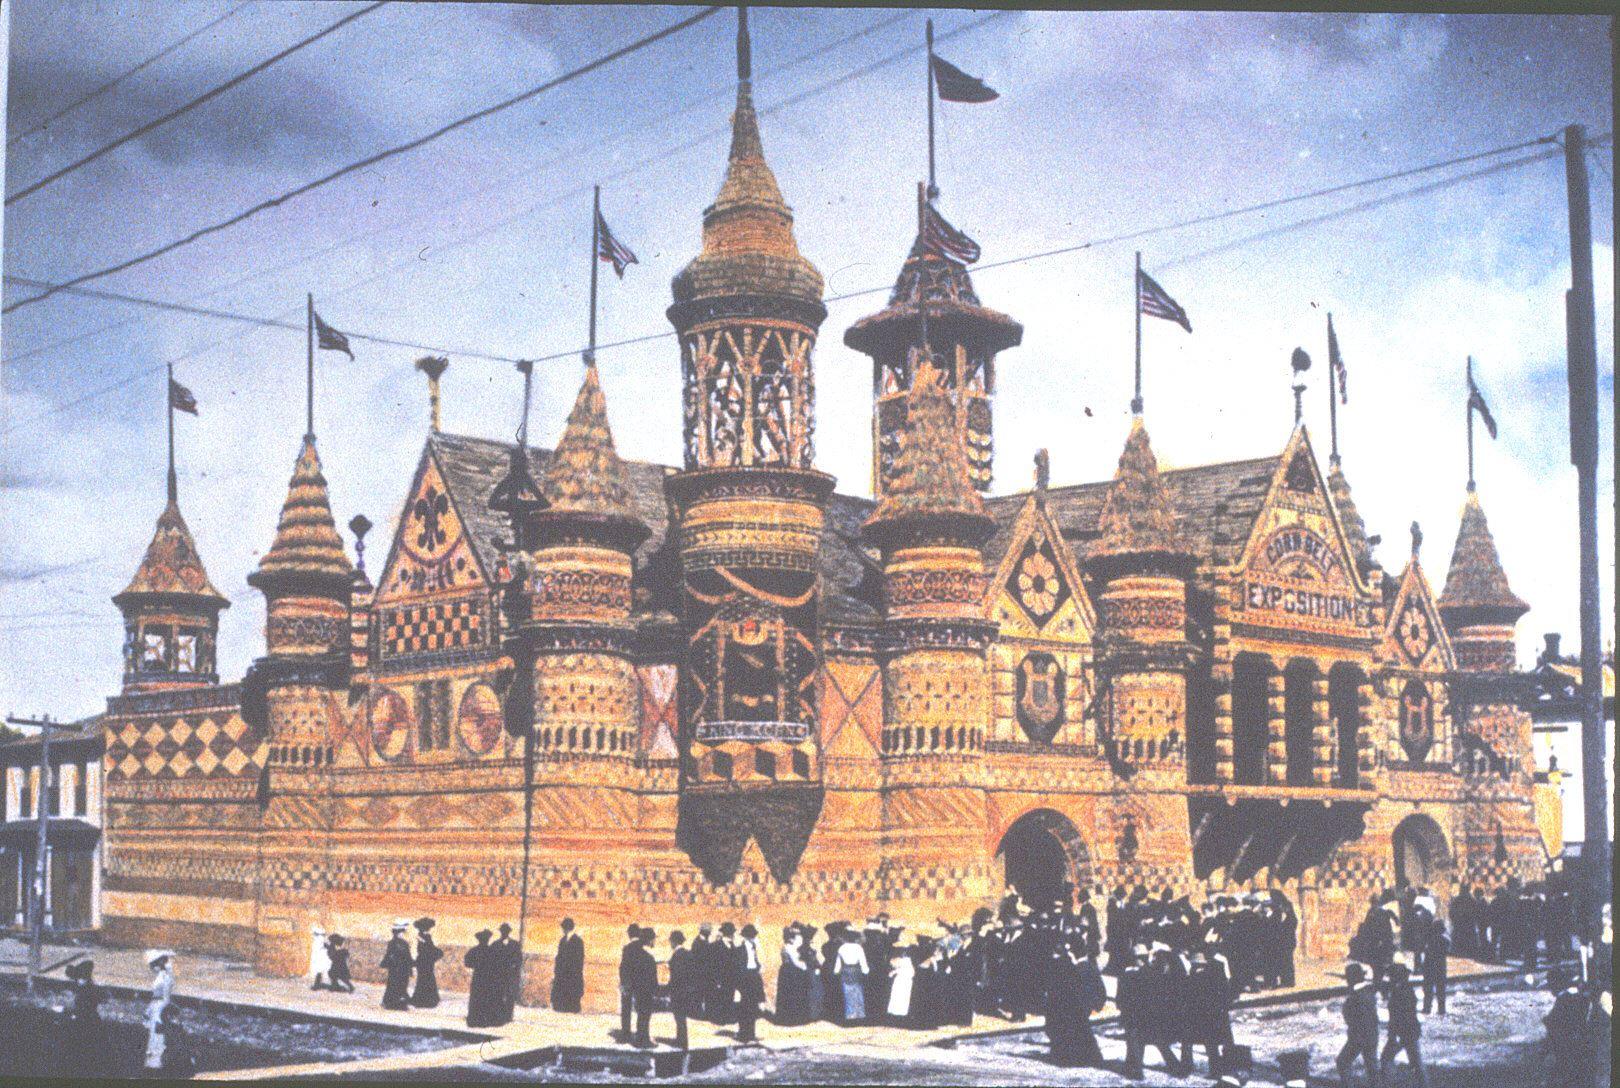 1902 Corn Palace